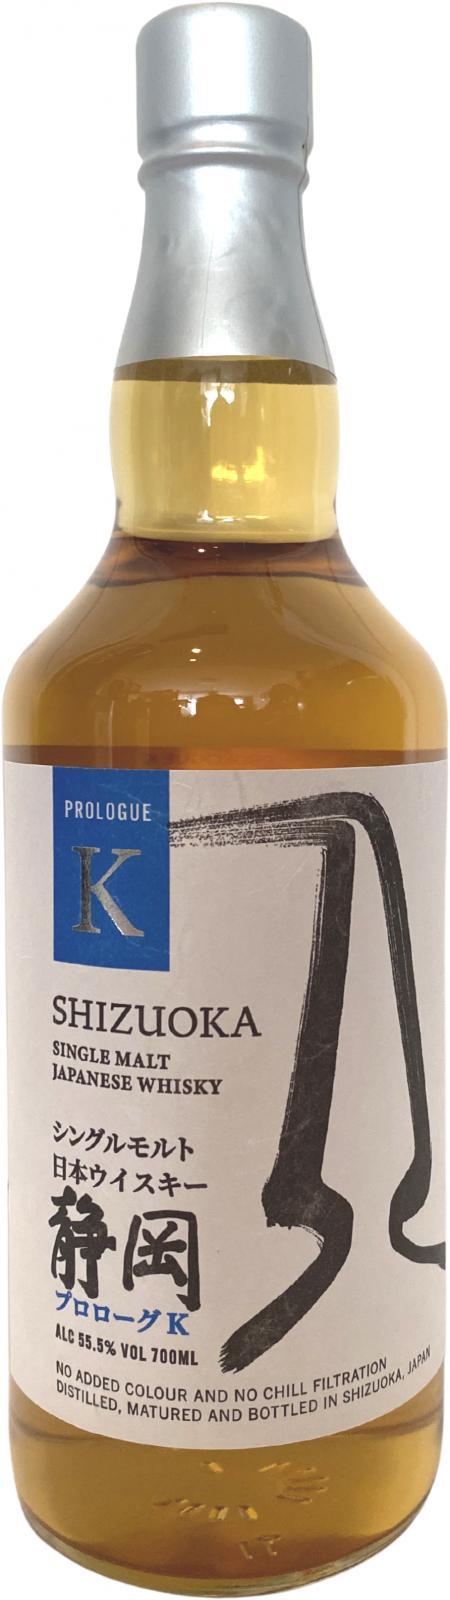 Shizuoka Prologue K